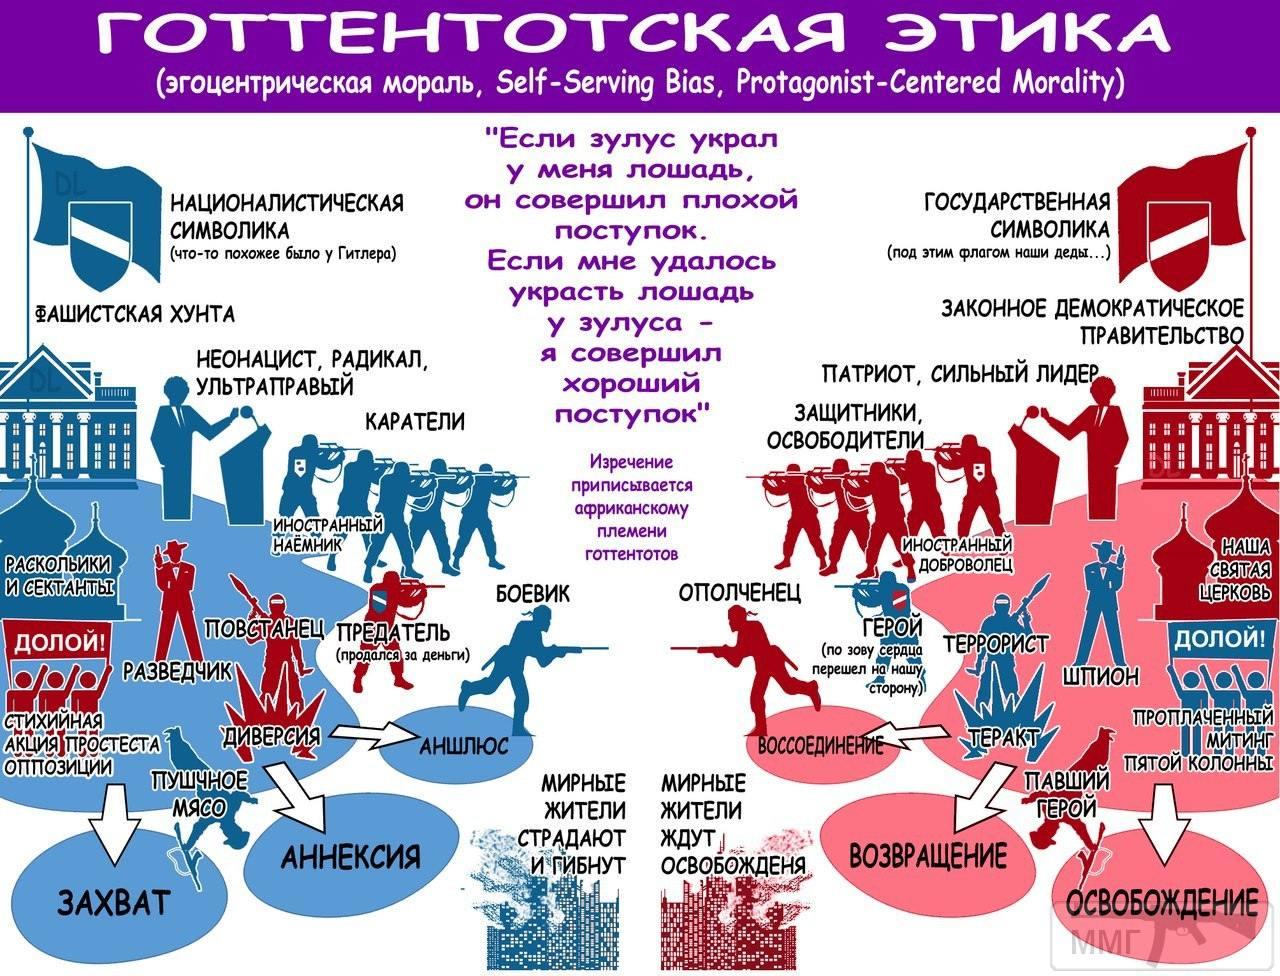 24754 - А в России чудеса!